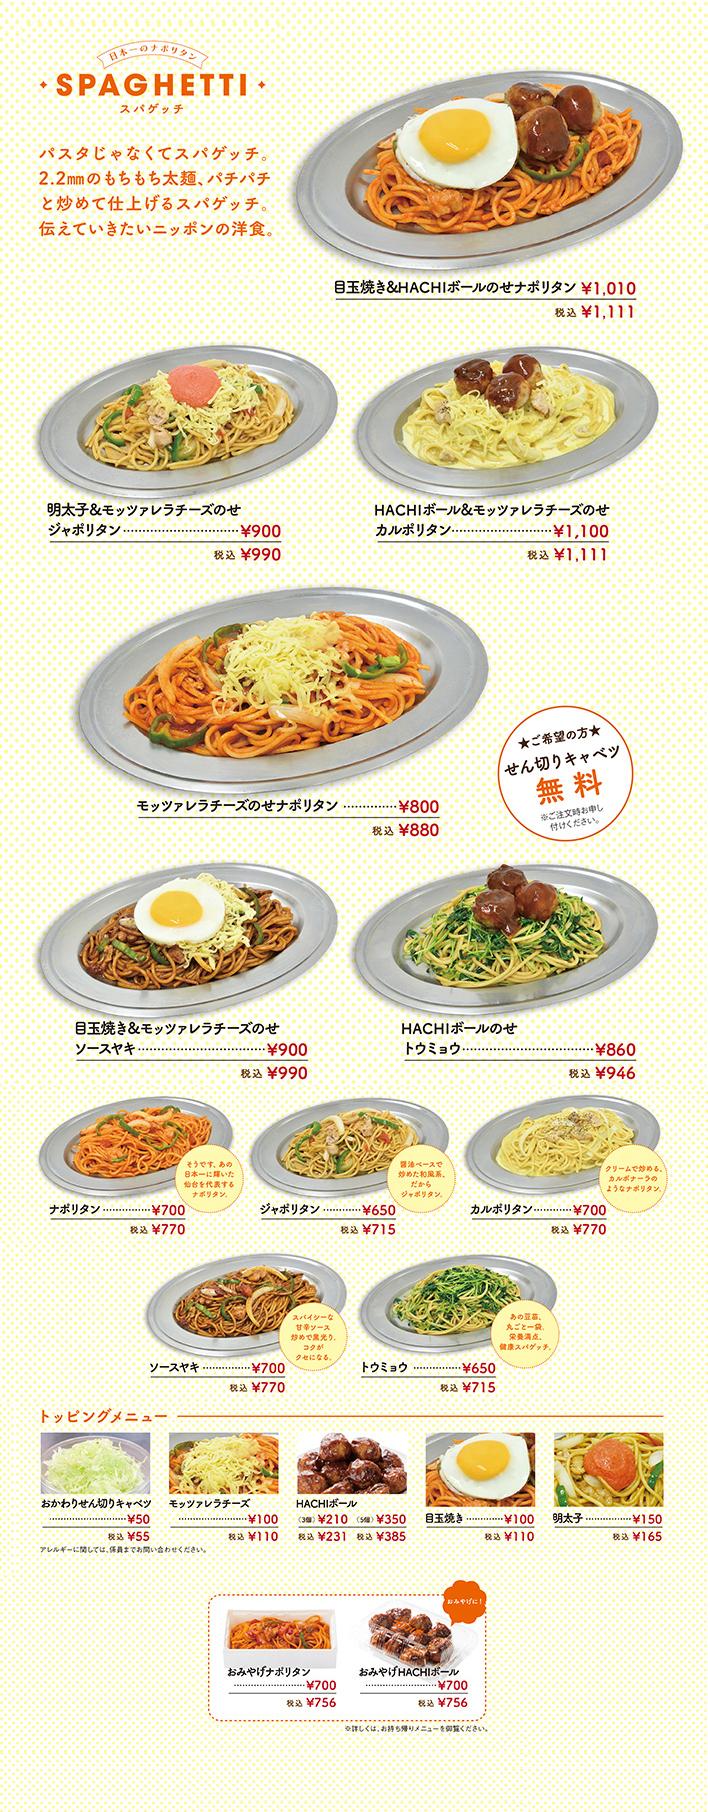 スパゲッチ-マルハチ(三越店)